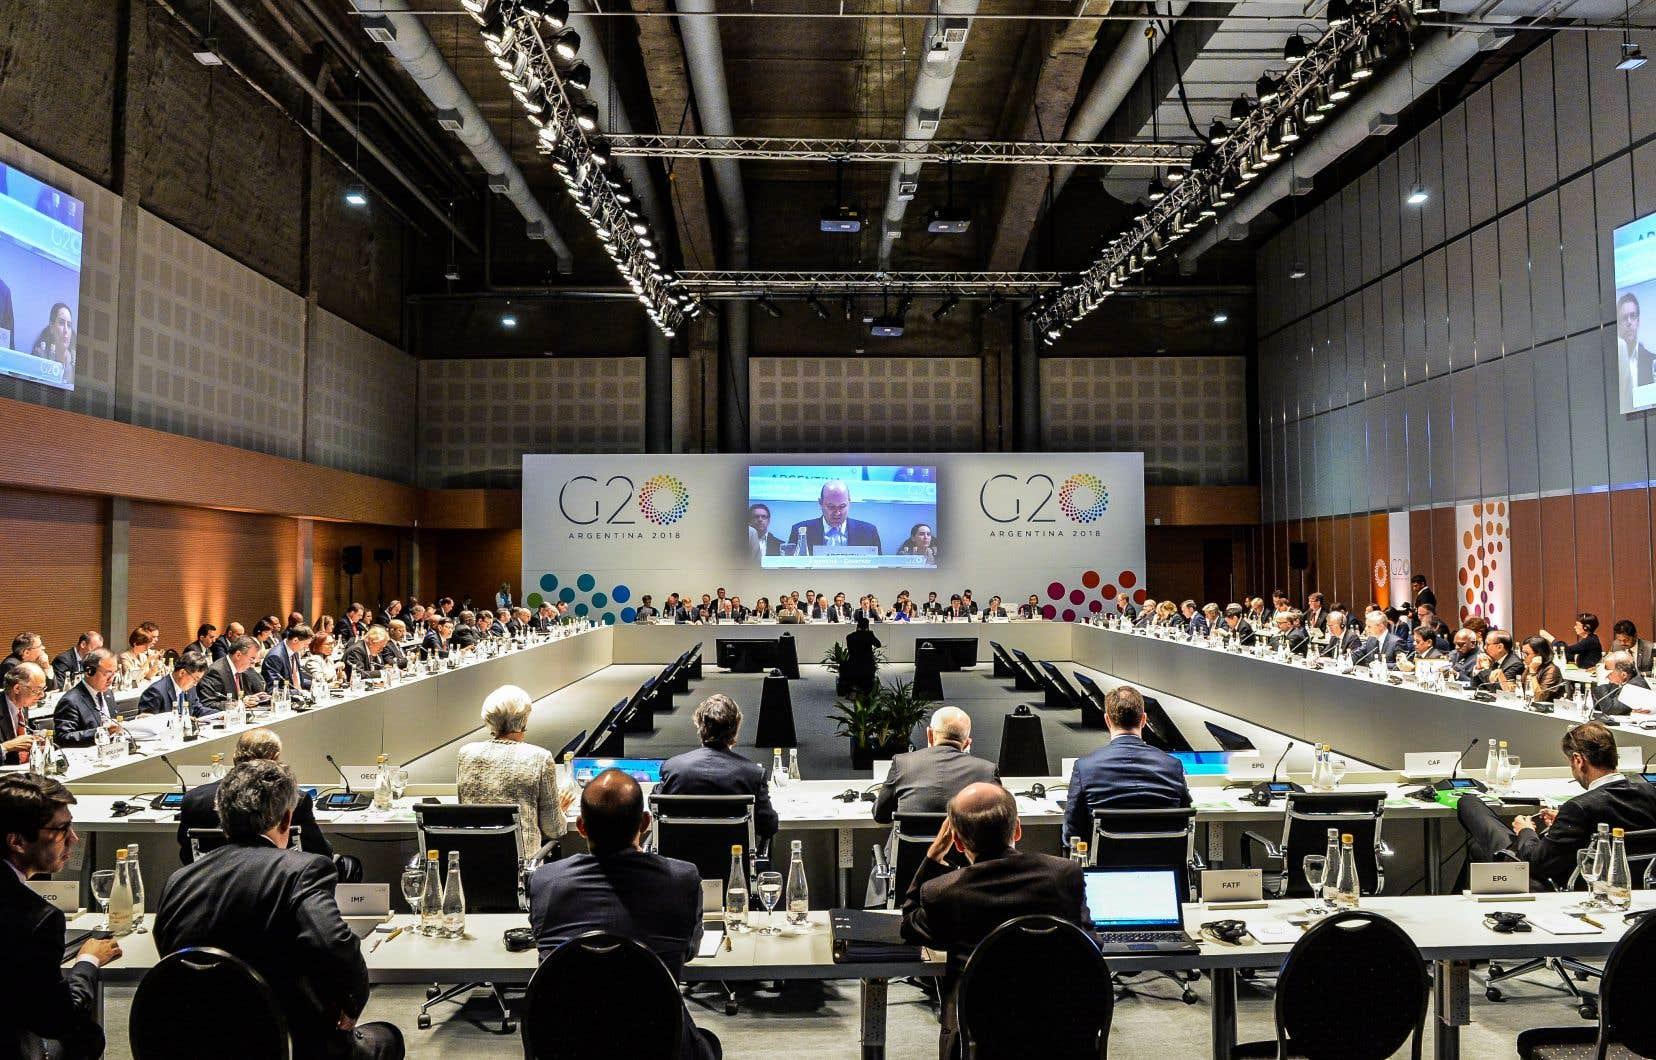 Ouverture du G20 Finances, ce lundi à Buenos Aires